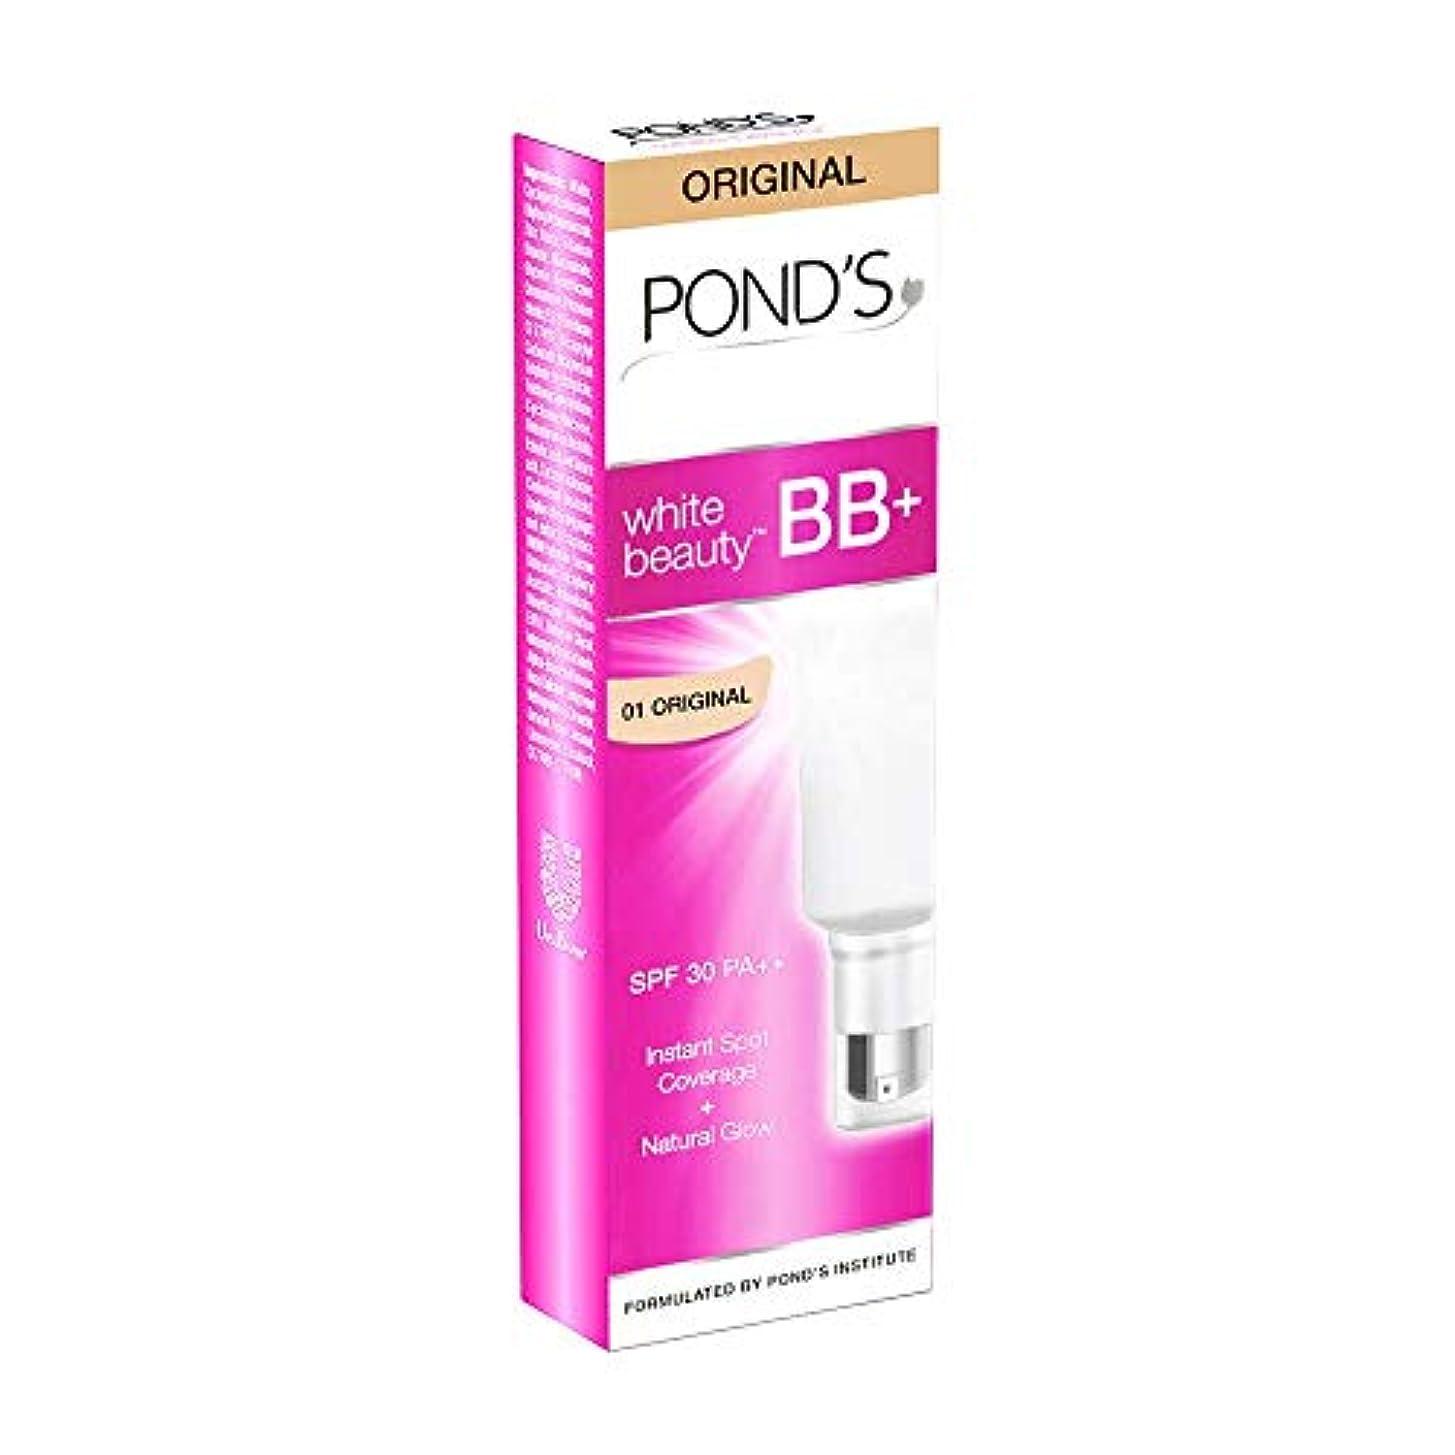 カフェロバ記者POND'S White Beauty All-in-One BB+ Fairness Cream SPF 30 PA++, 18g (Pack of 3)